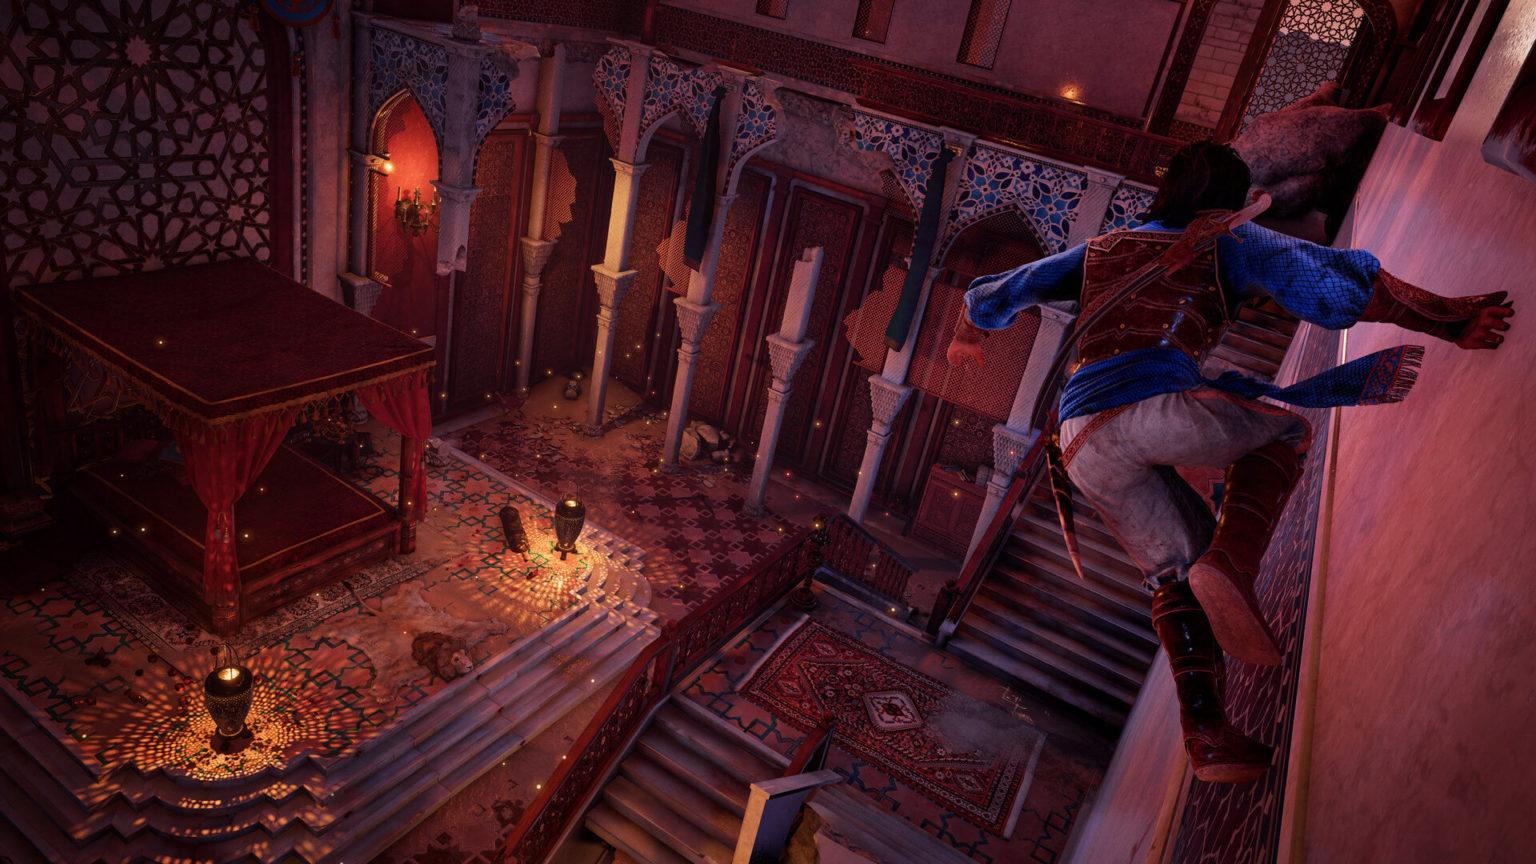 عدم حضور ریمیک Prince of Persia در رویداد بعدی یوبیسافت